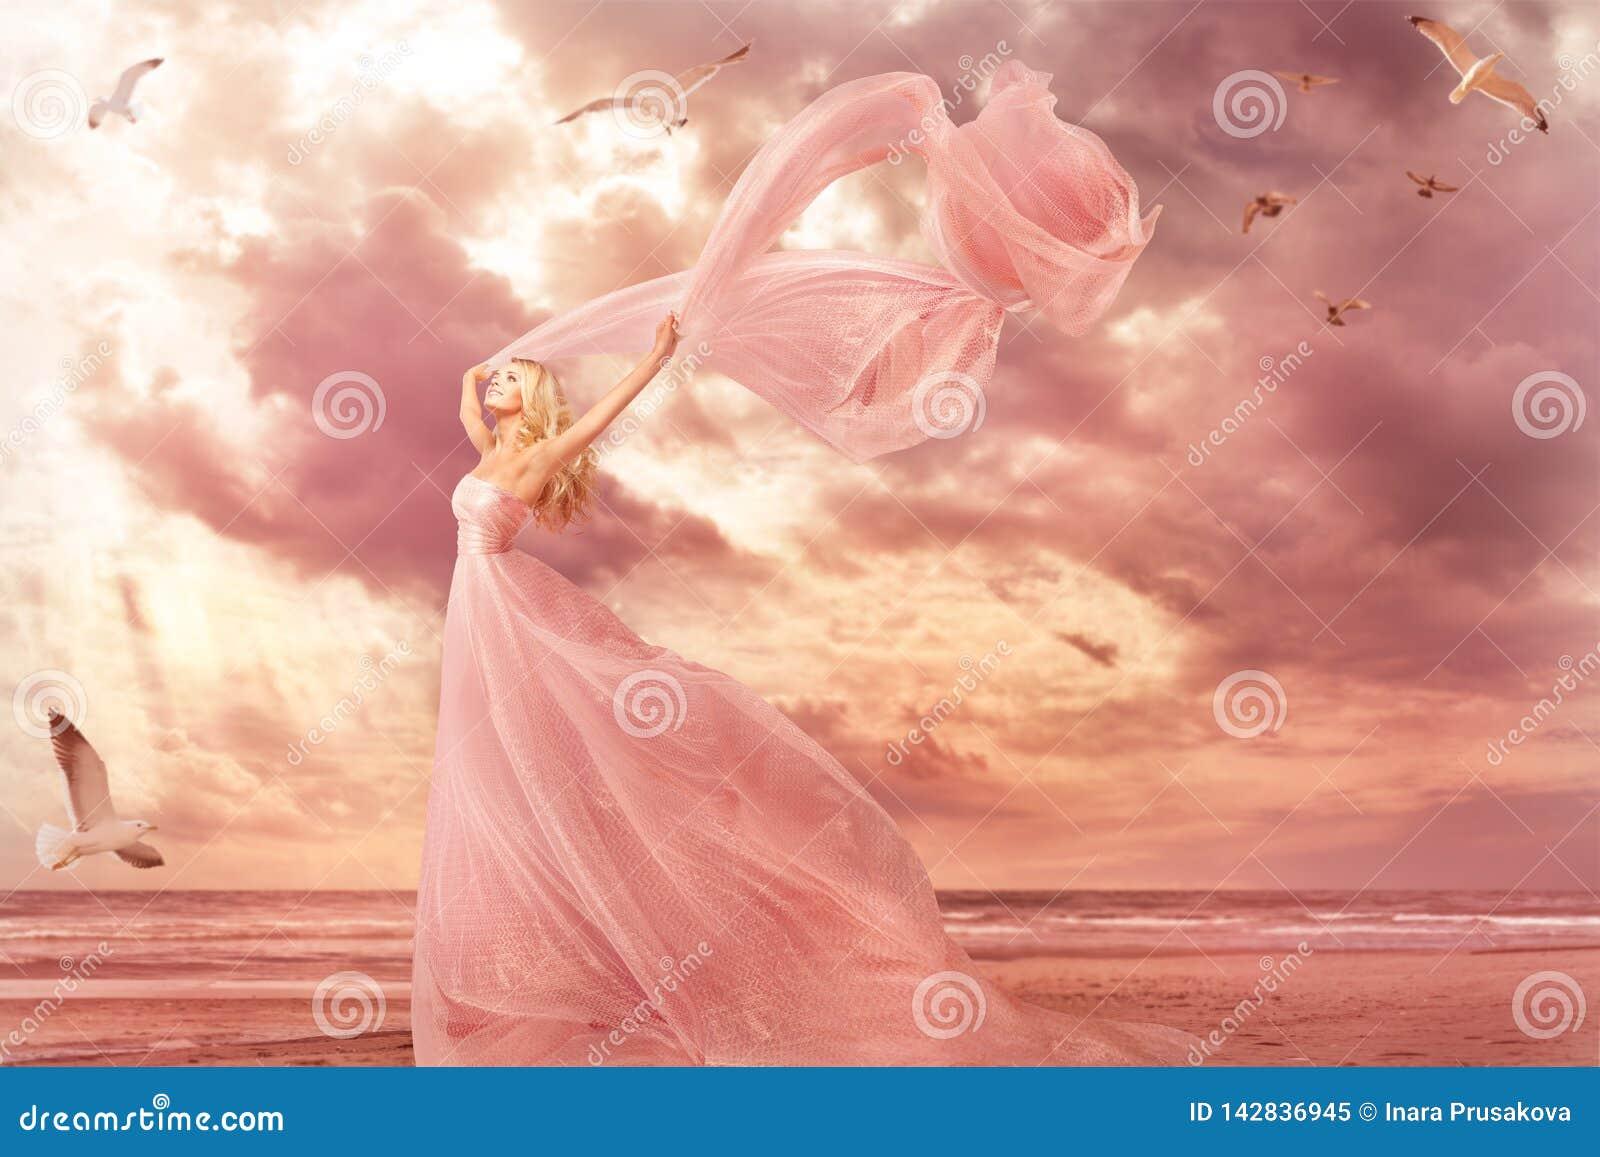 Retrato da mulher no vestido longo na costa de mar, vestido do rosa da menina da fantasia no vento de tempestade